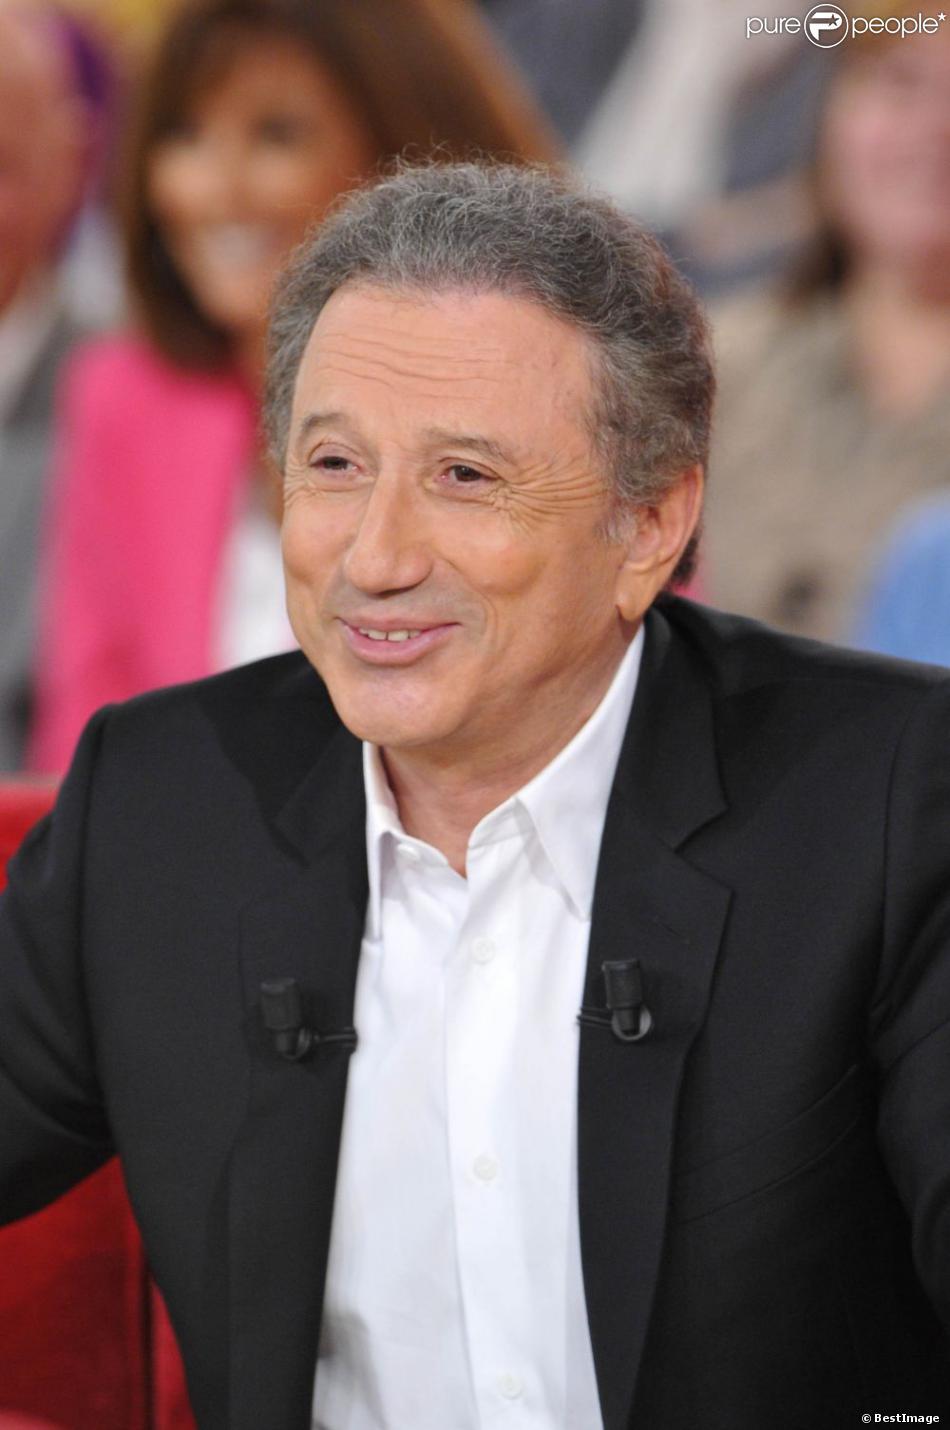 L'animateur Michel Drucker lors de l'enregistrement de  Vivement dimanche  le 24 octobre 2012 à Paris.